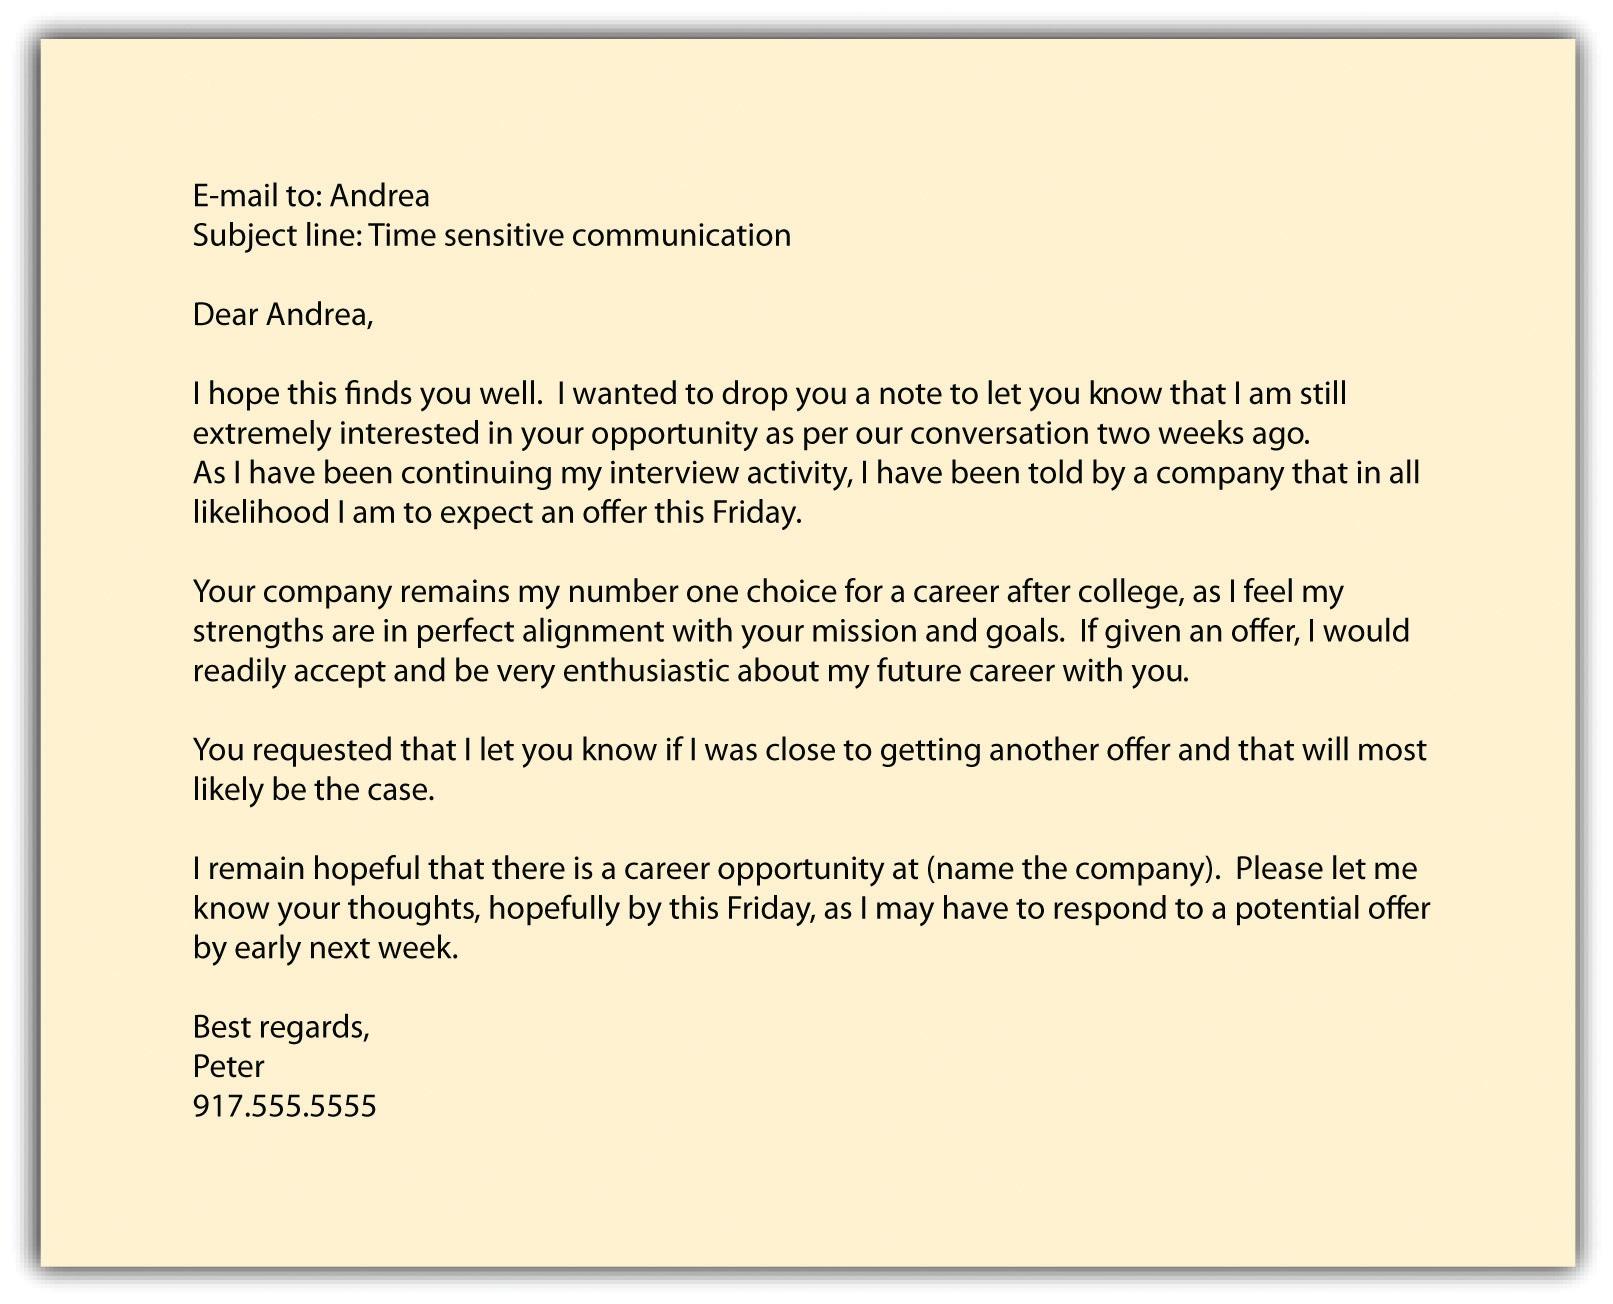 job offer letter negotiation coverletter for jobs job offer letter negotiation job offer negotiation letter job interviews sample letter of job offer negotiate